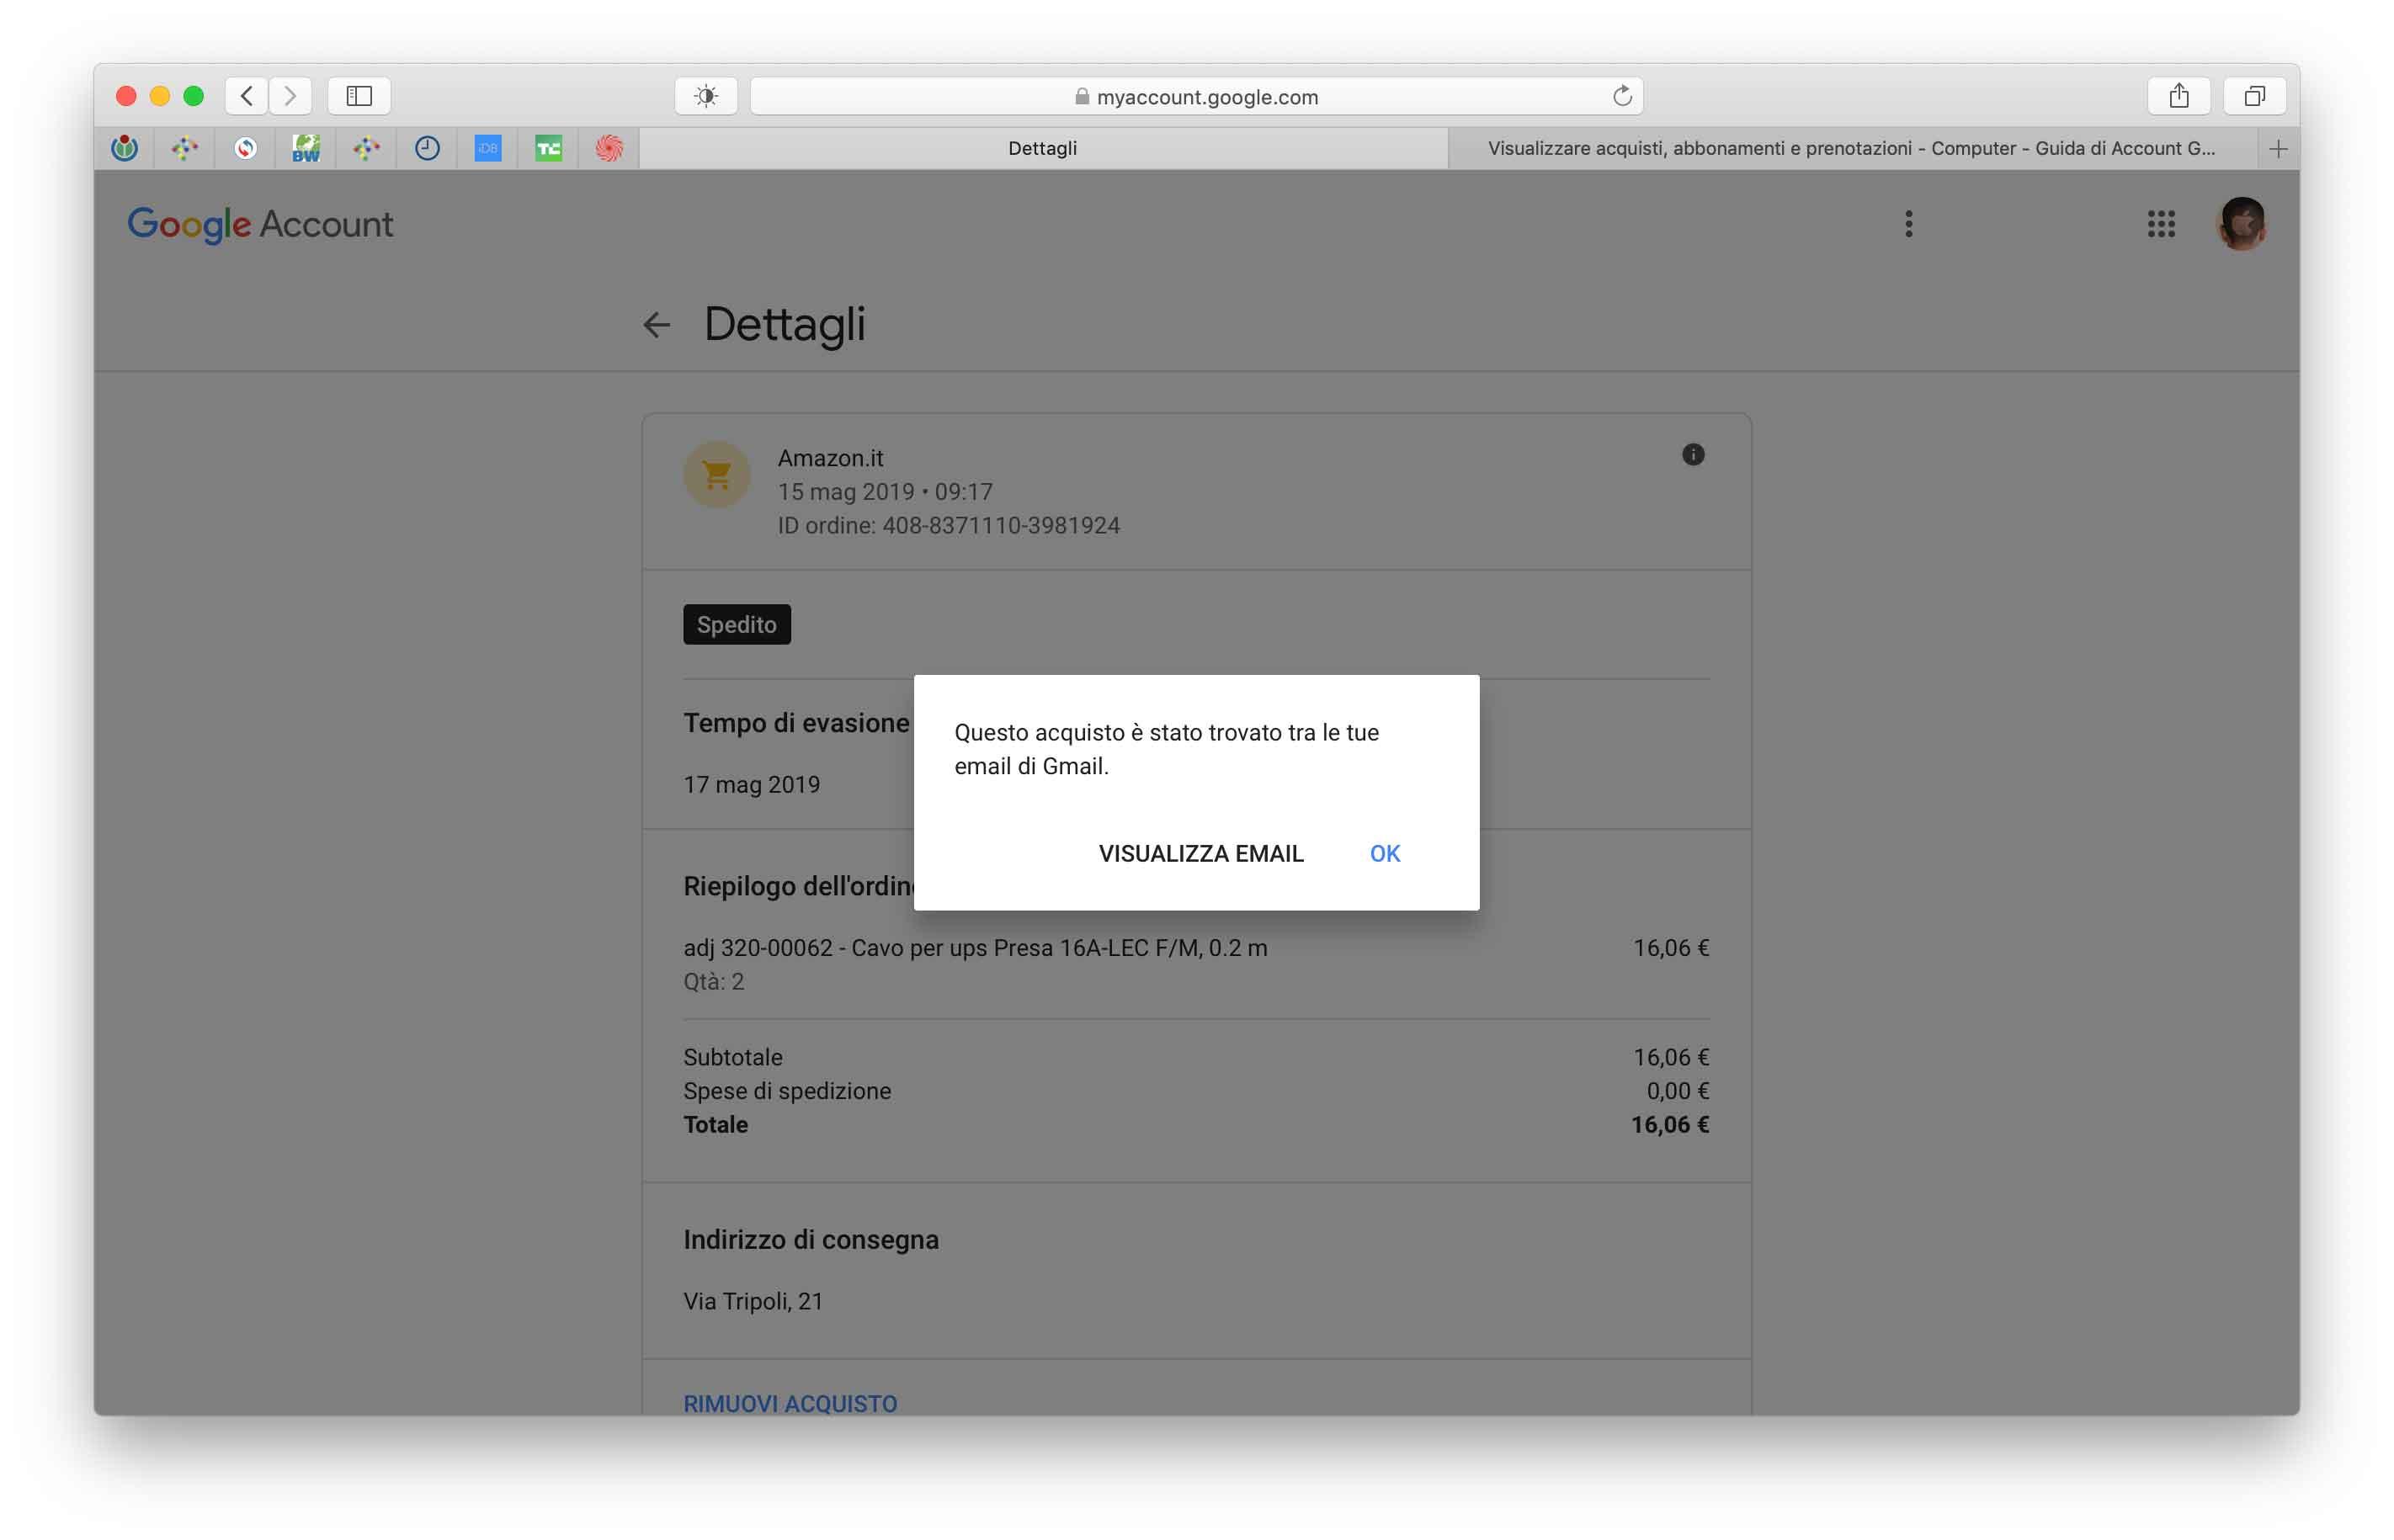 Per ogni acquisto tracciato, Google comunica in che modo è stato individuato